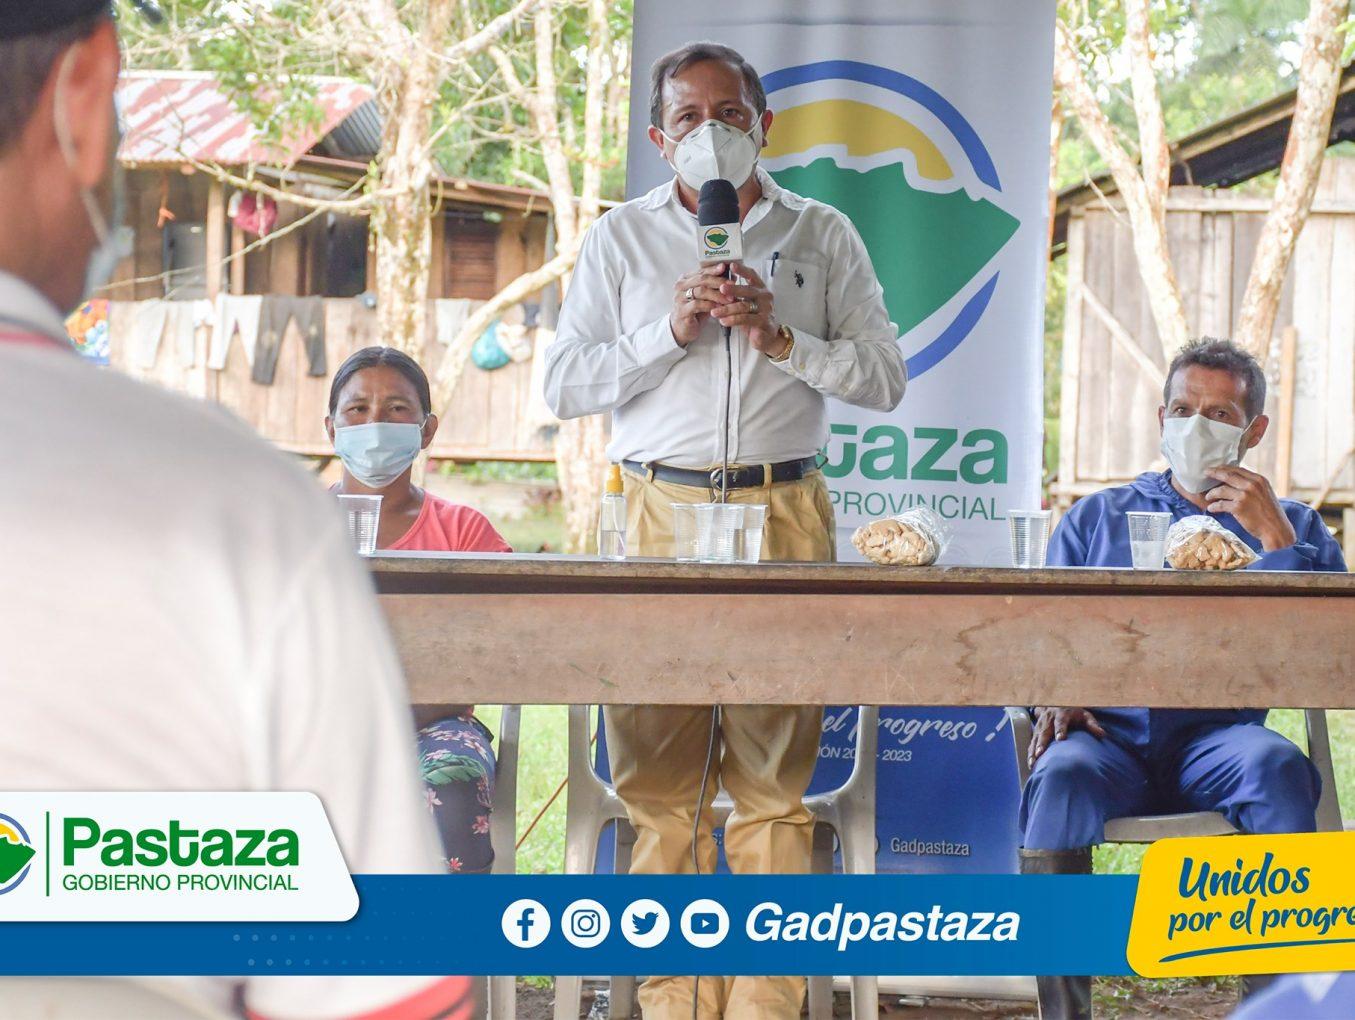 ¡Con responsabilidad le apostamos al desarrollo de la provincia!